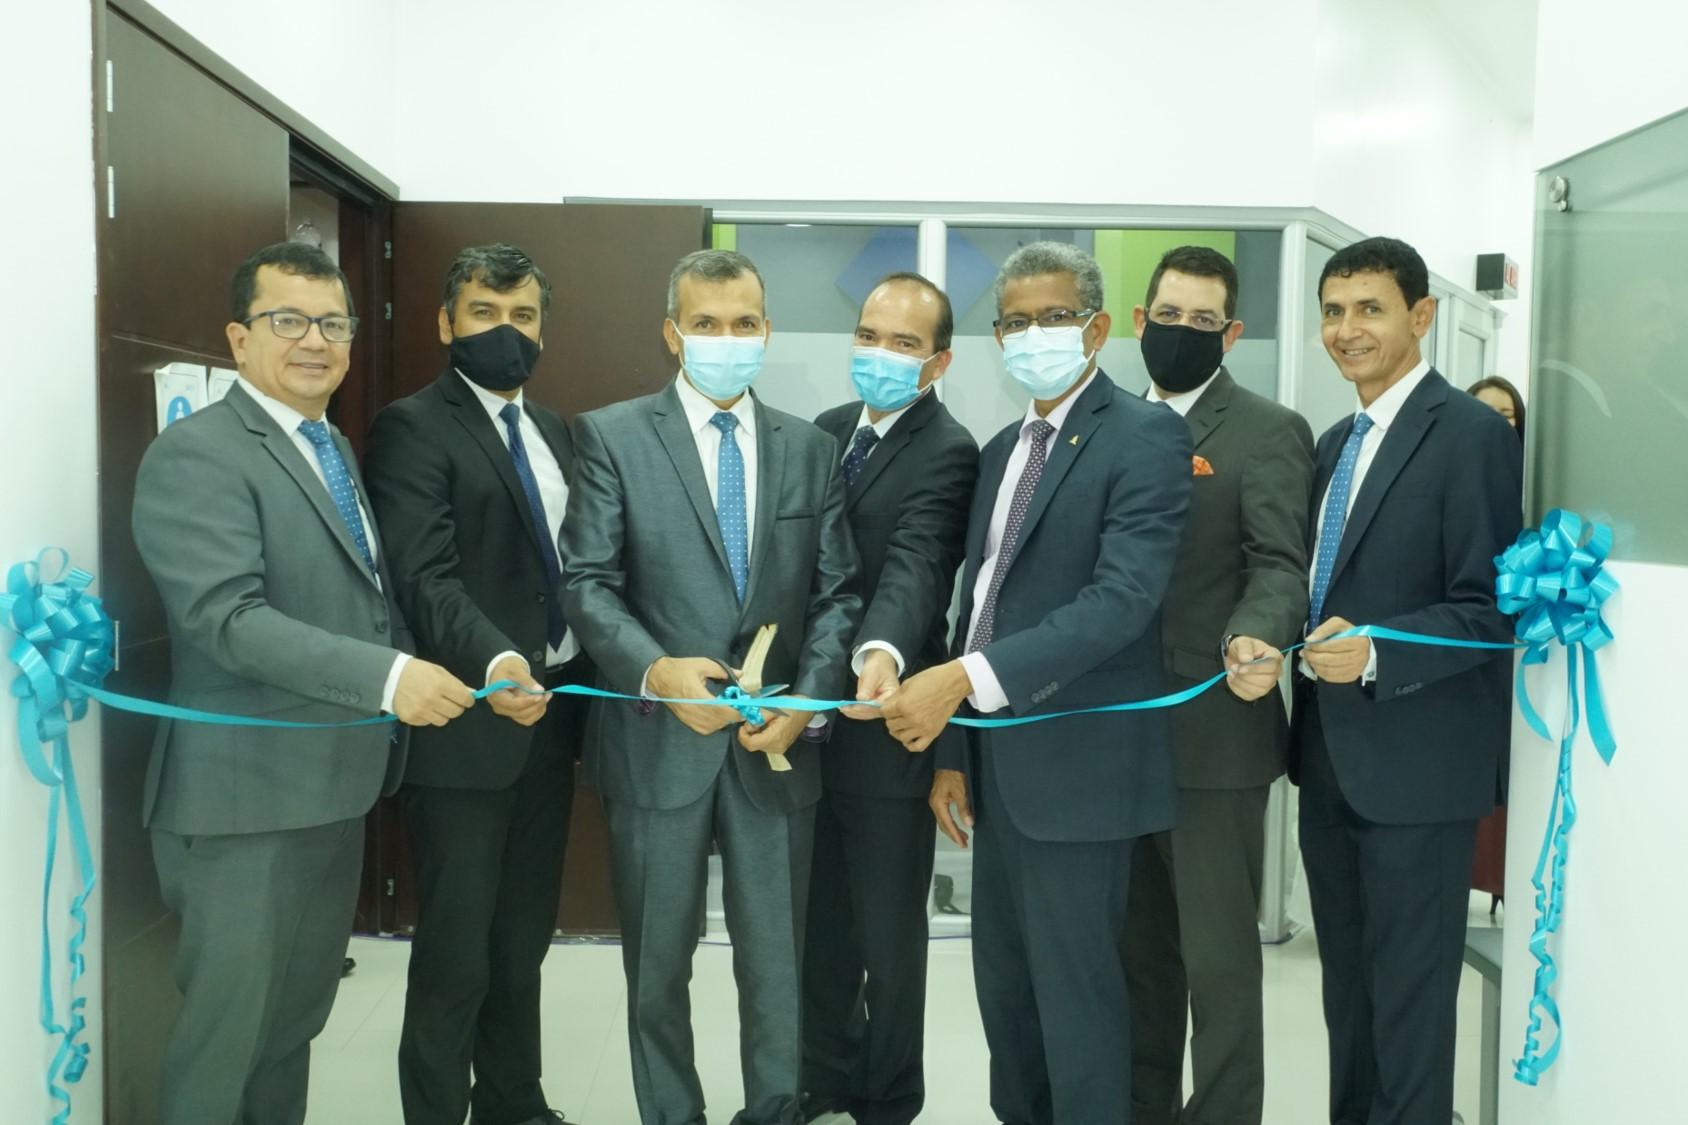 Odontología y laboratorio clínico: especialidades de la nueva sede de la Unidad Médica Adventista en Bucaramanga